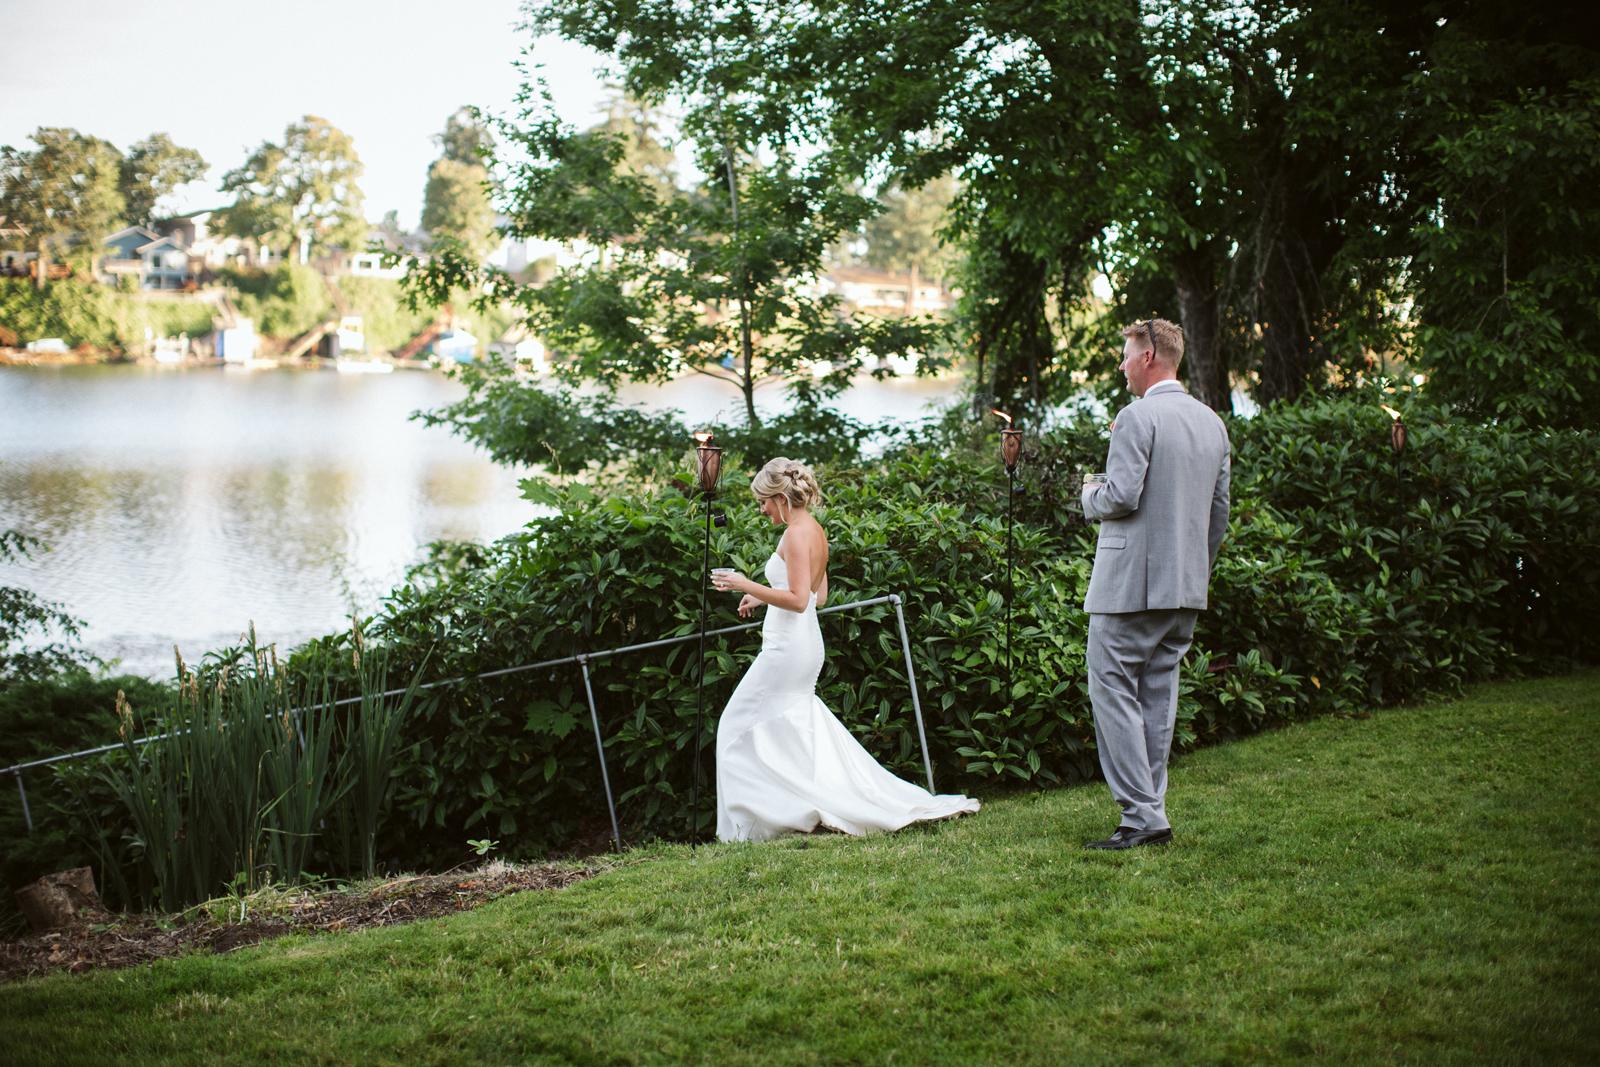 163-daronjackson-gabby-alec-wedding.jpg